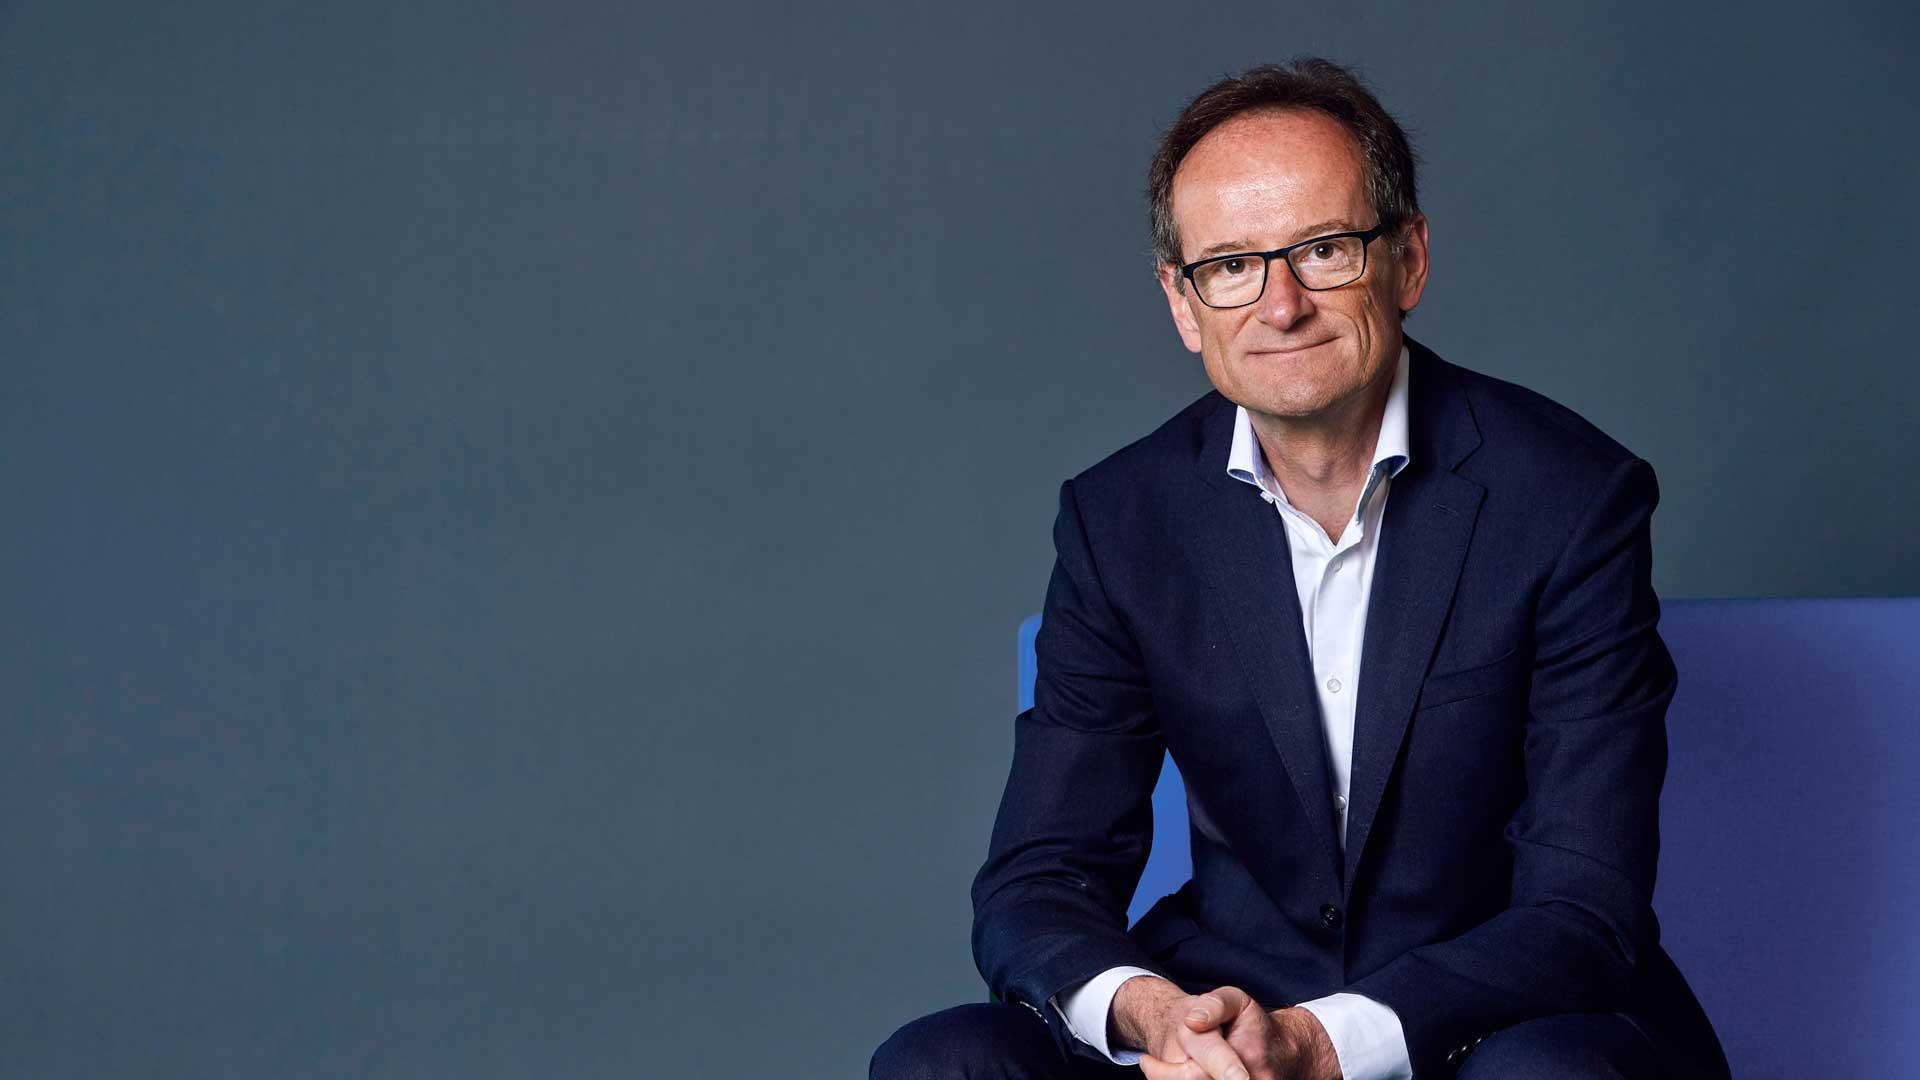 Bart Steukers: Le coronavirus accélère-t-il la transformation numérique?